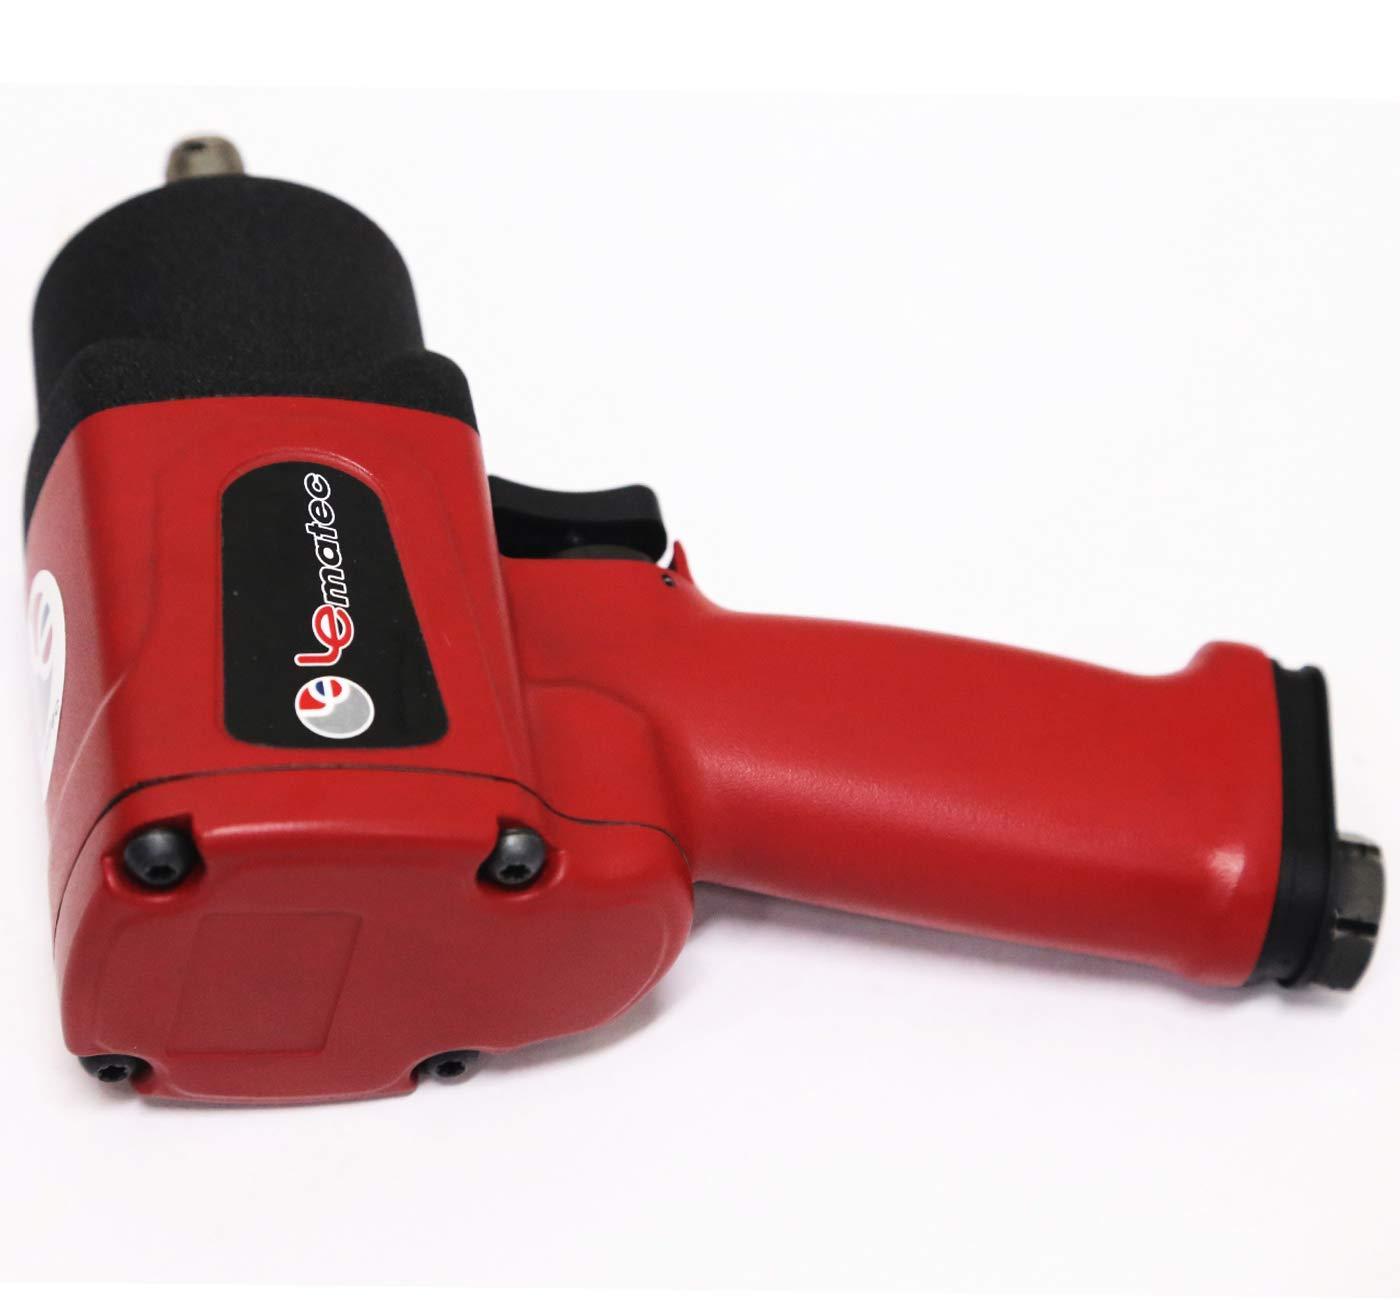 LE-IWT-S2 Super Duty Air Impact Wrench Air Impact Driver Ubiquitous 1//2 Impact Wrench Air Impact Driver